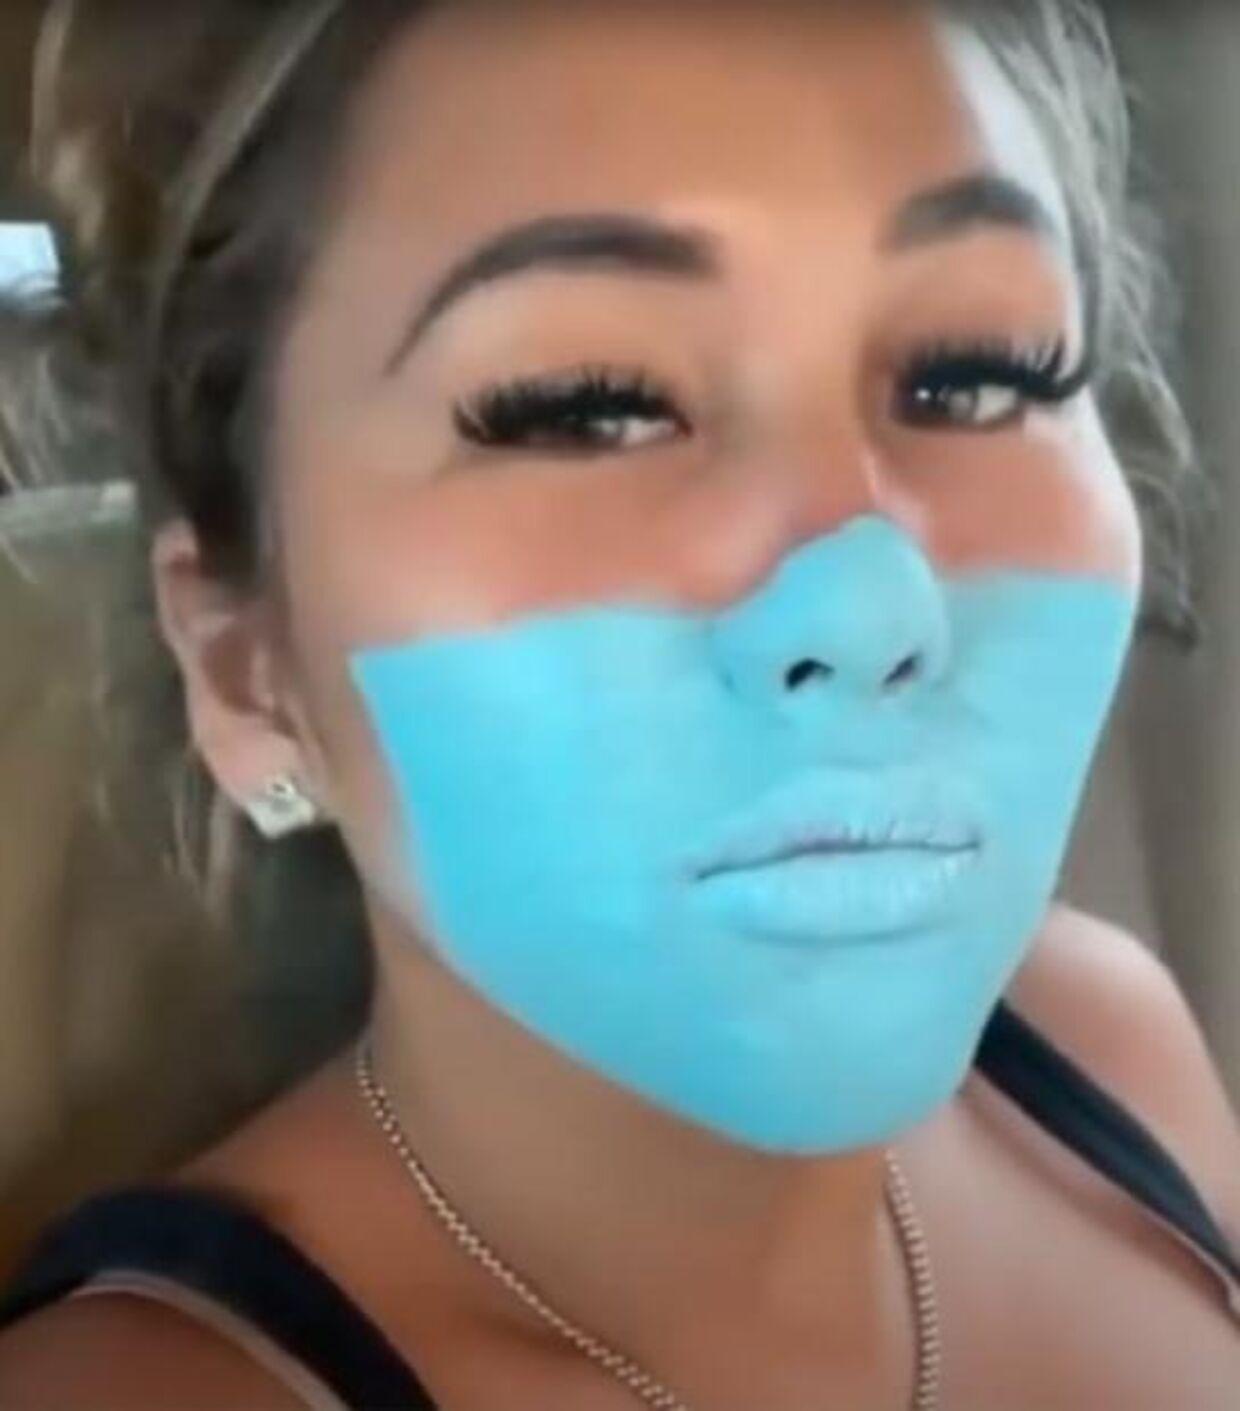 Masken er ved at blive malet på dette billede.